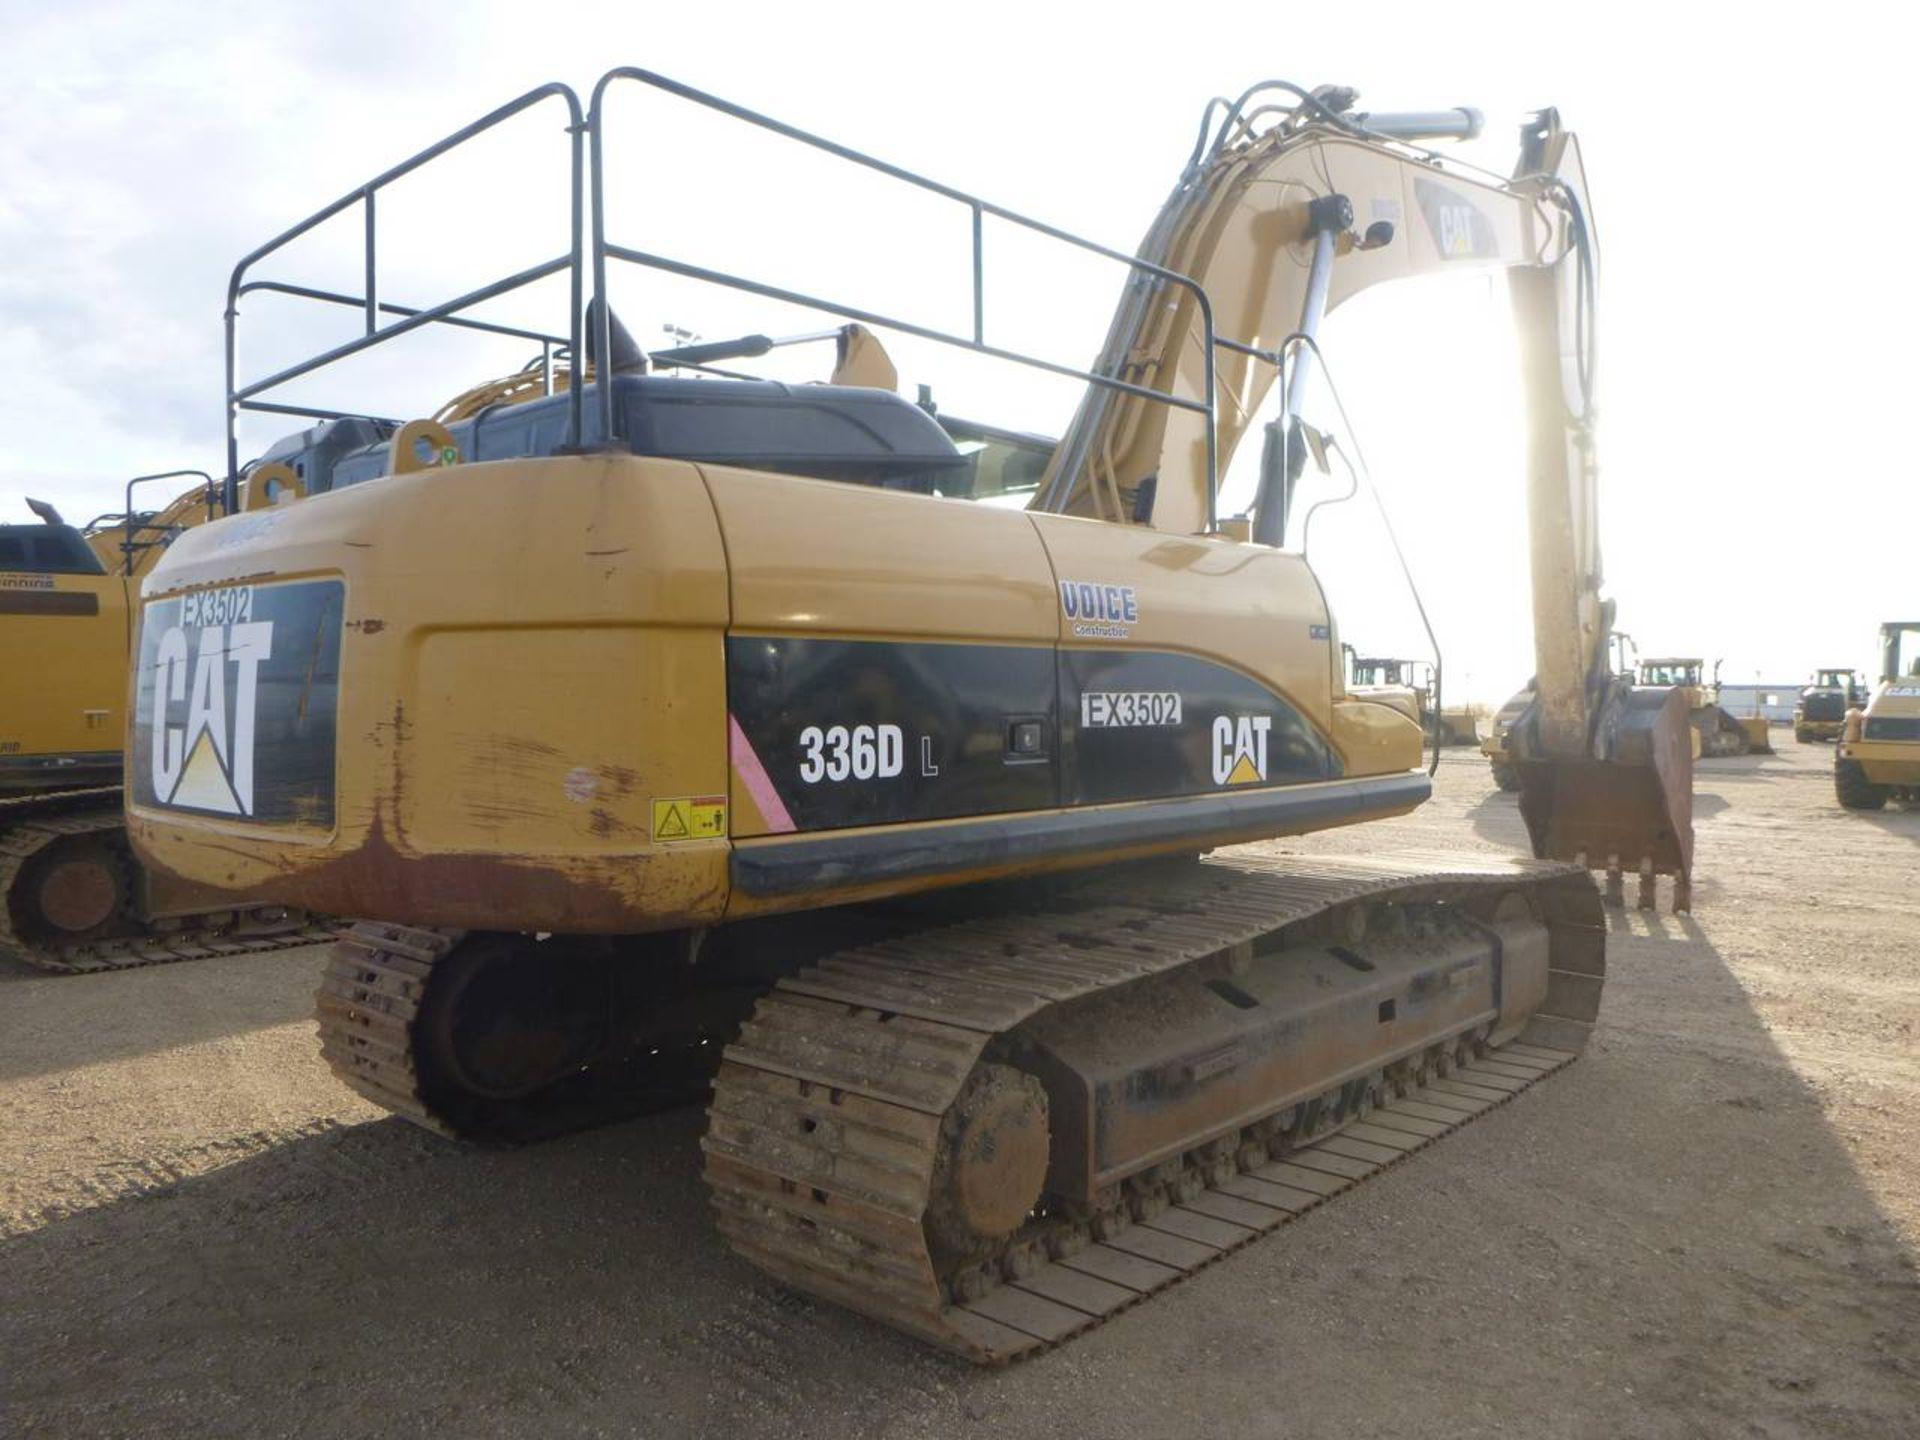 2010 Caterpillar 336D L Excavator - Image 5 of 13